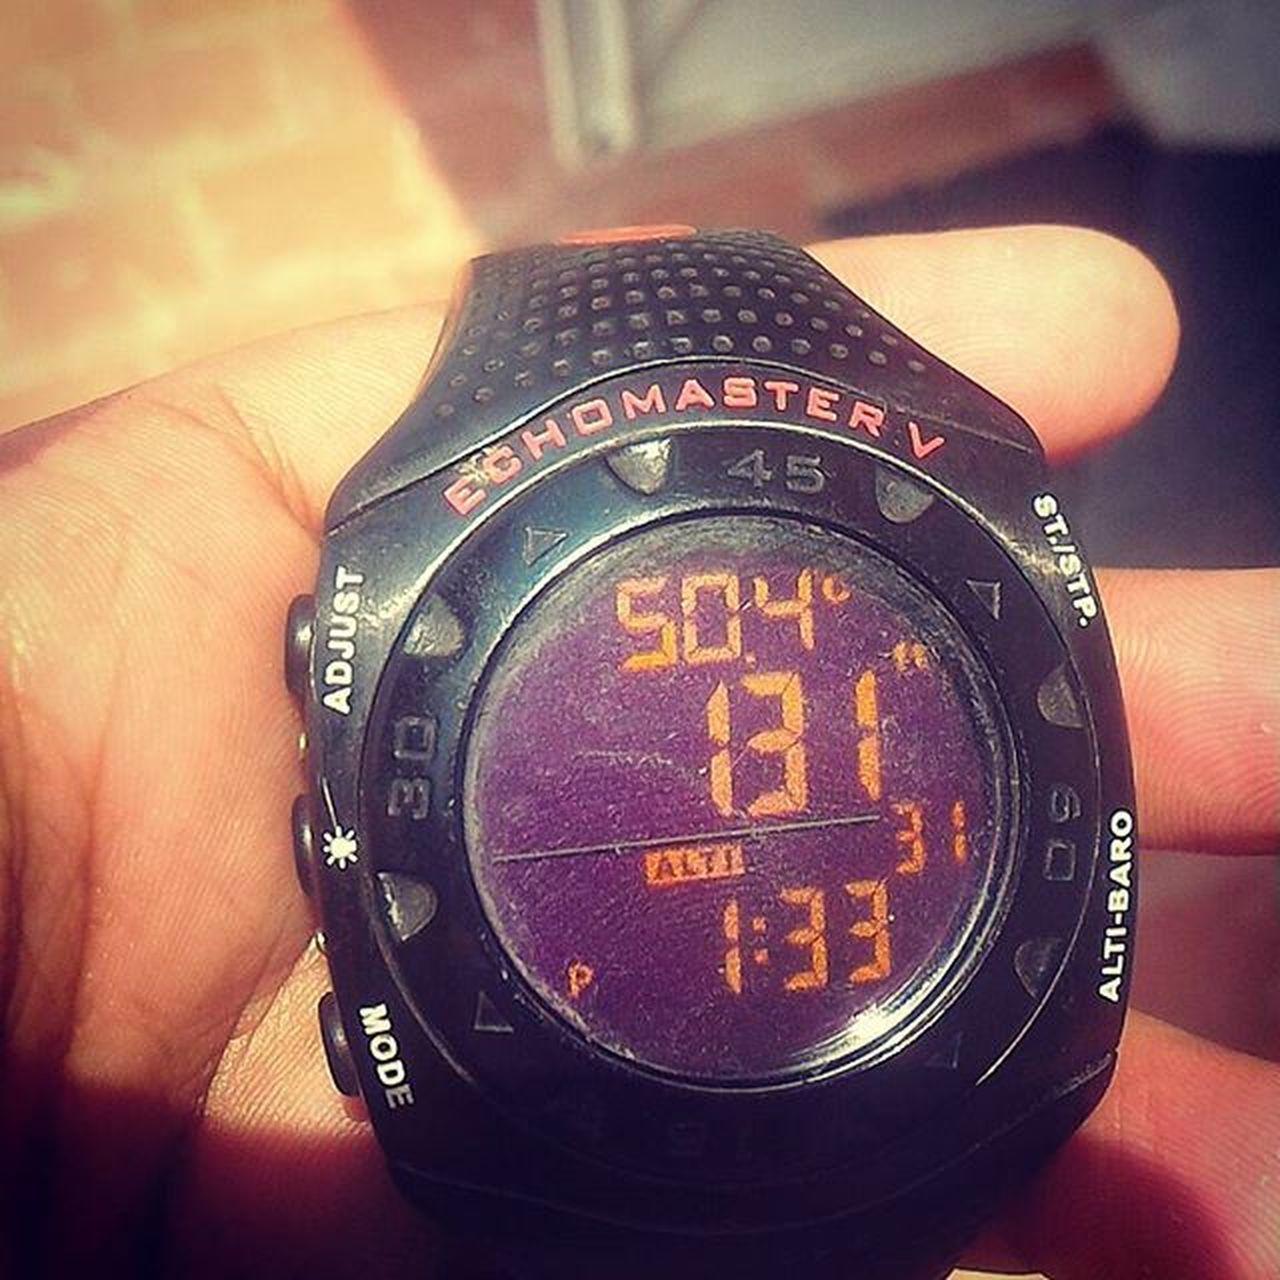 It's too hot 50° C Temperature Hotsunnyday Coimbatore Echomaster Cruiser Me